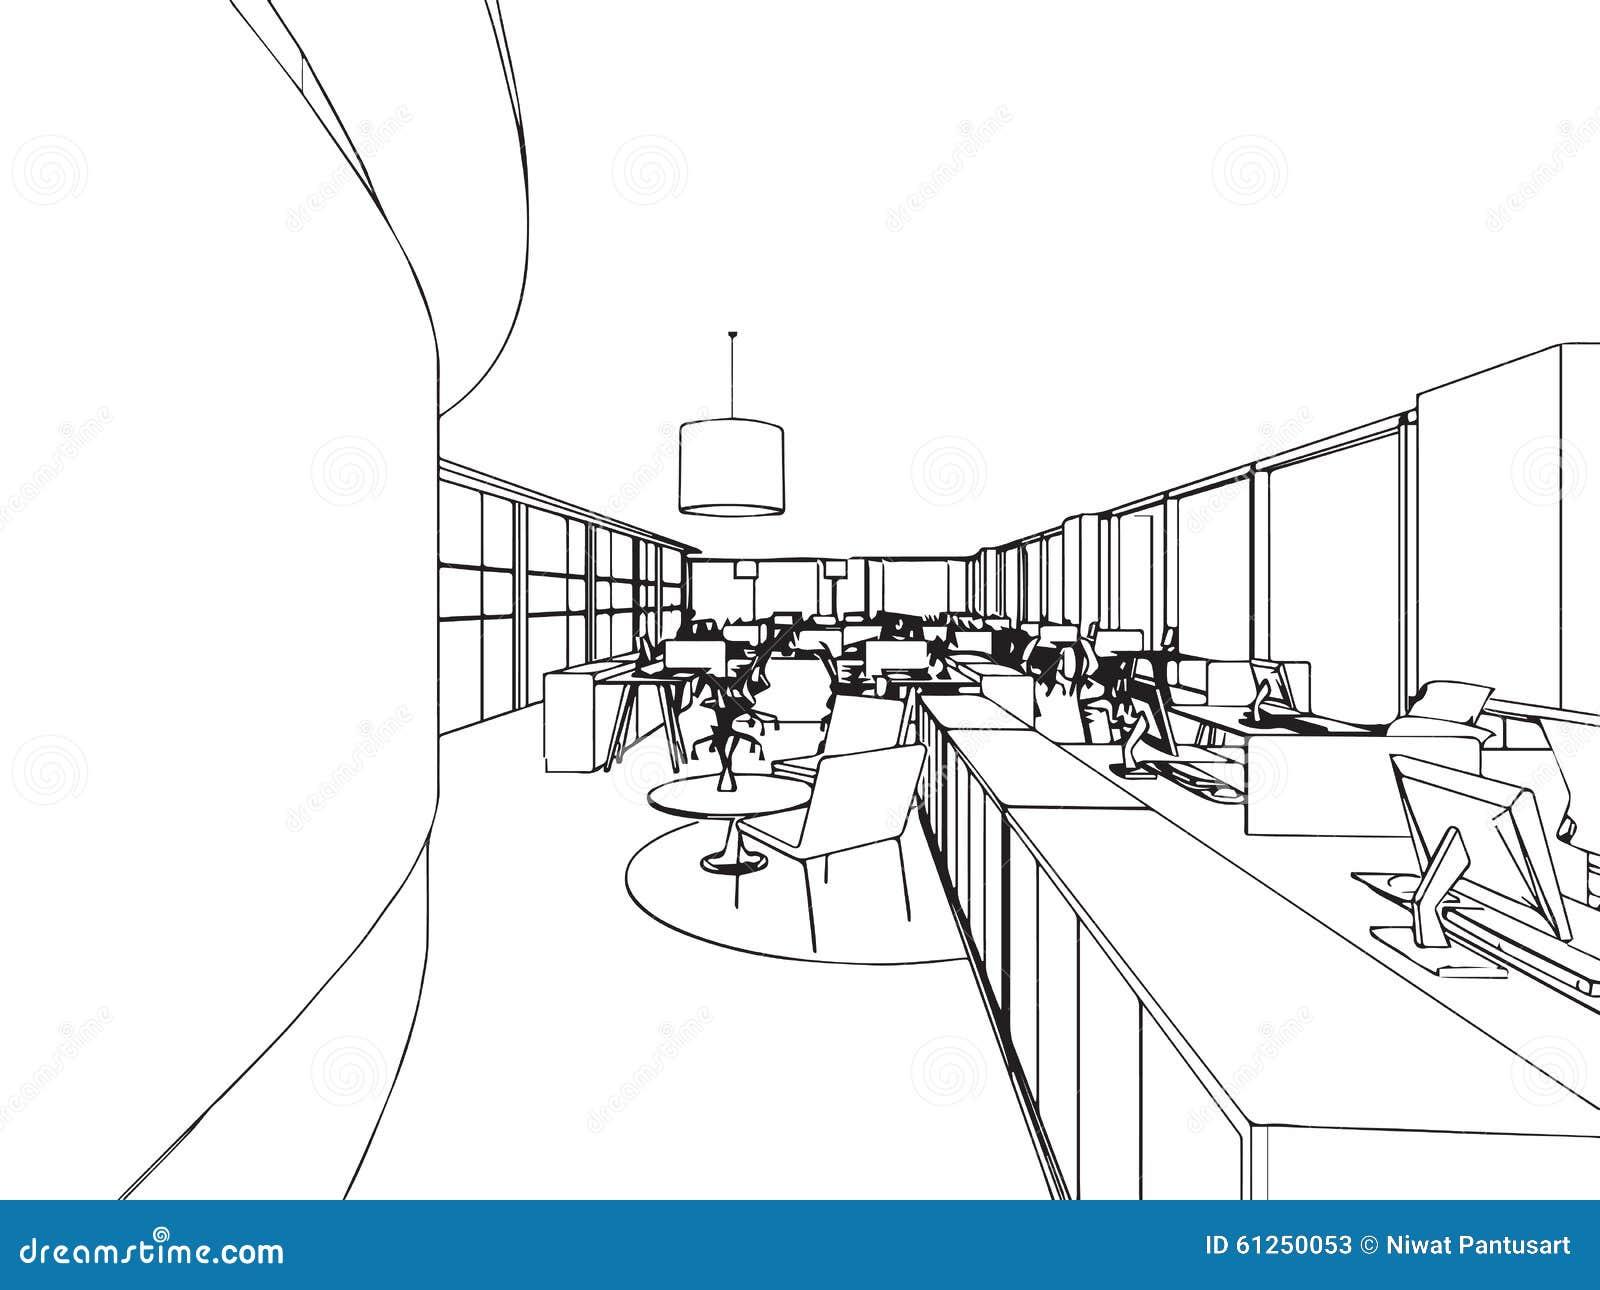 croquis int rieur de dessin d 39 ensemble de bureau illustration de vecteur image 61250053. Black Bedroom Furniture Sets. Home Design Ideas